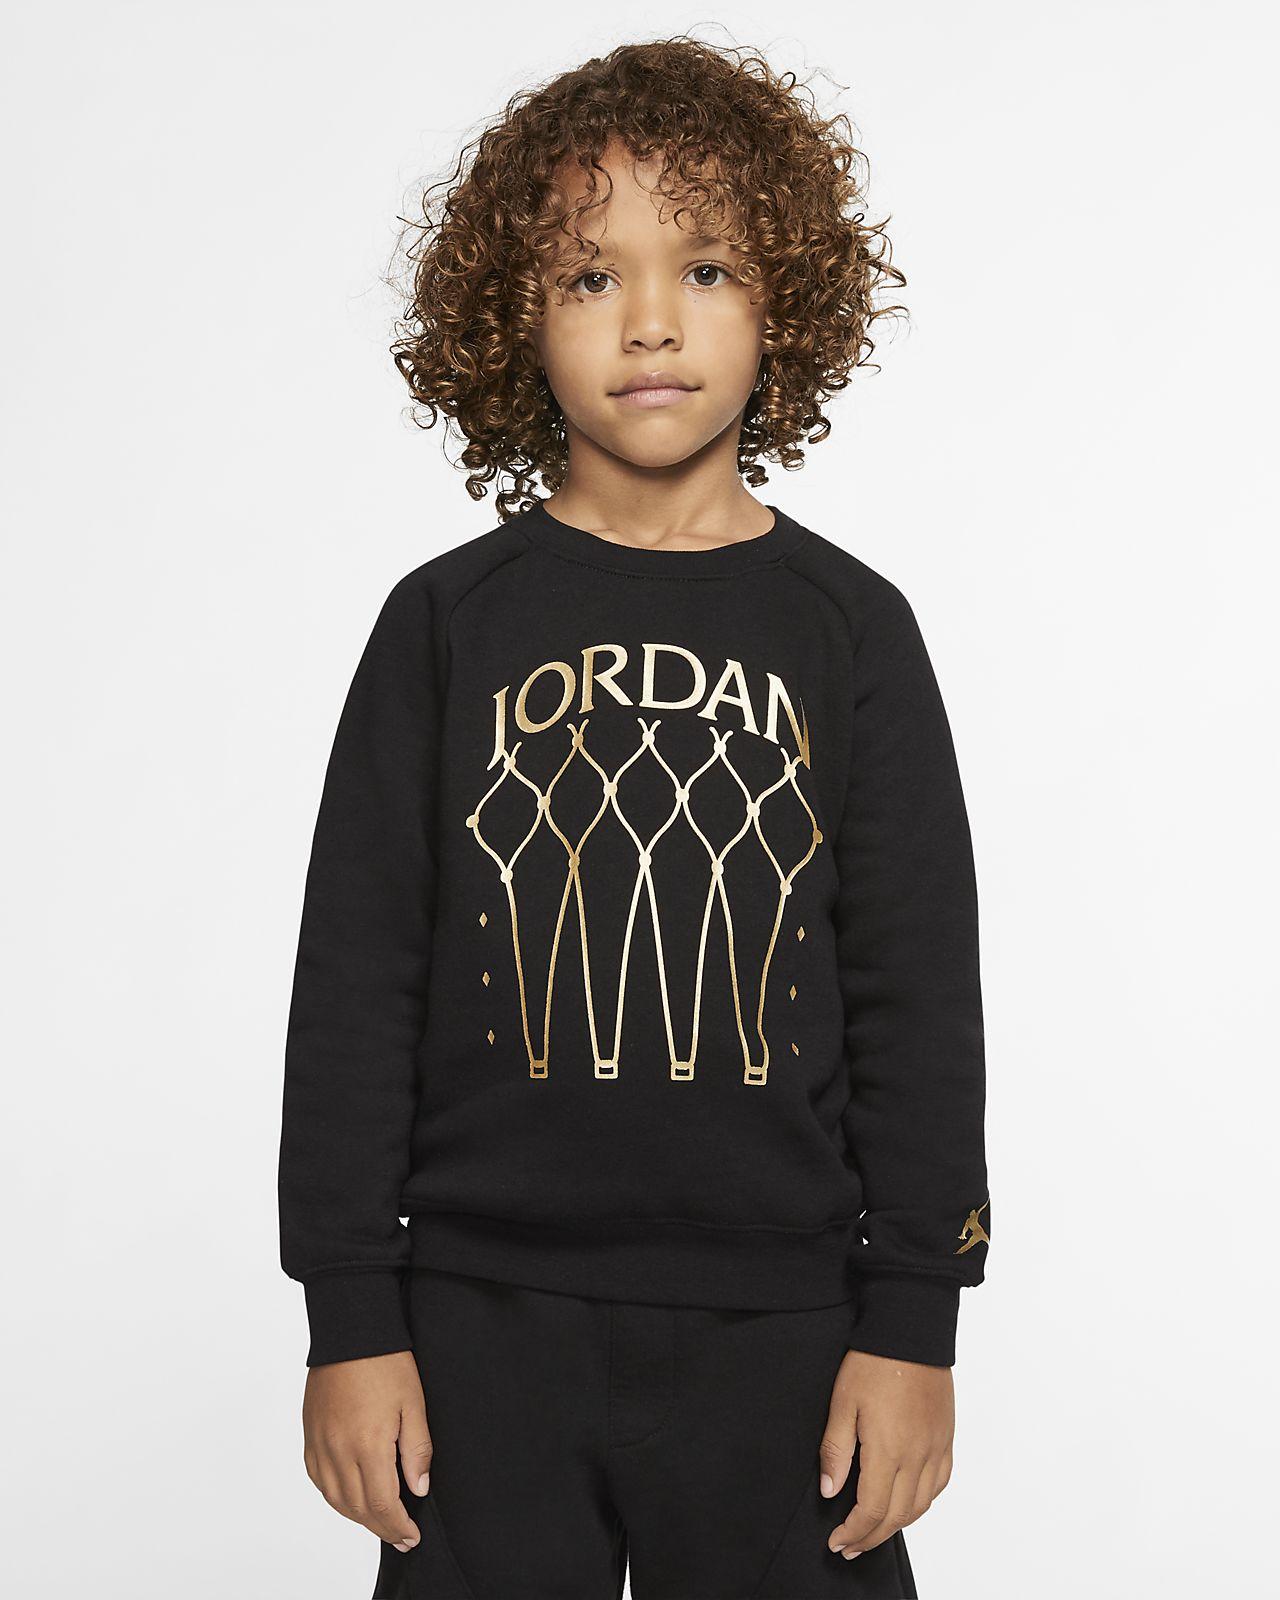 Φλις μπλούζα Jordan Jumpman για μικρά παιδιά